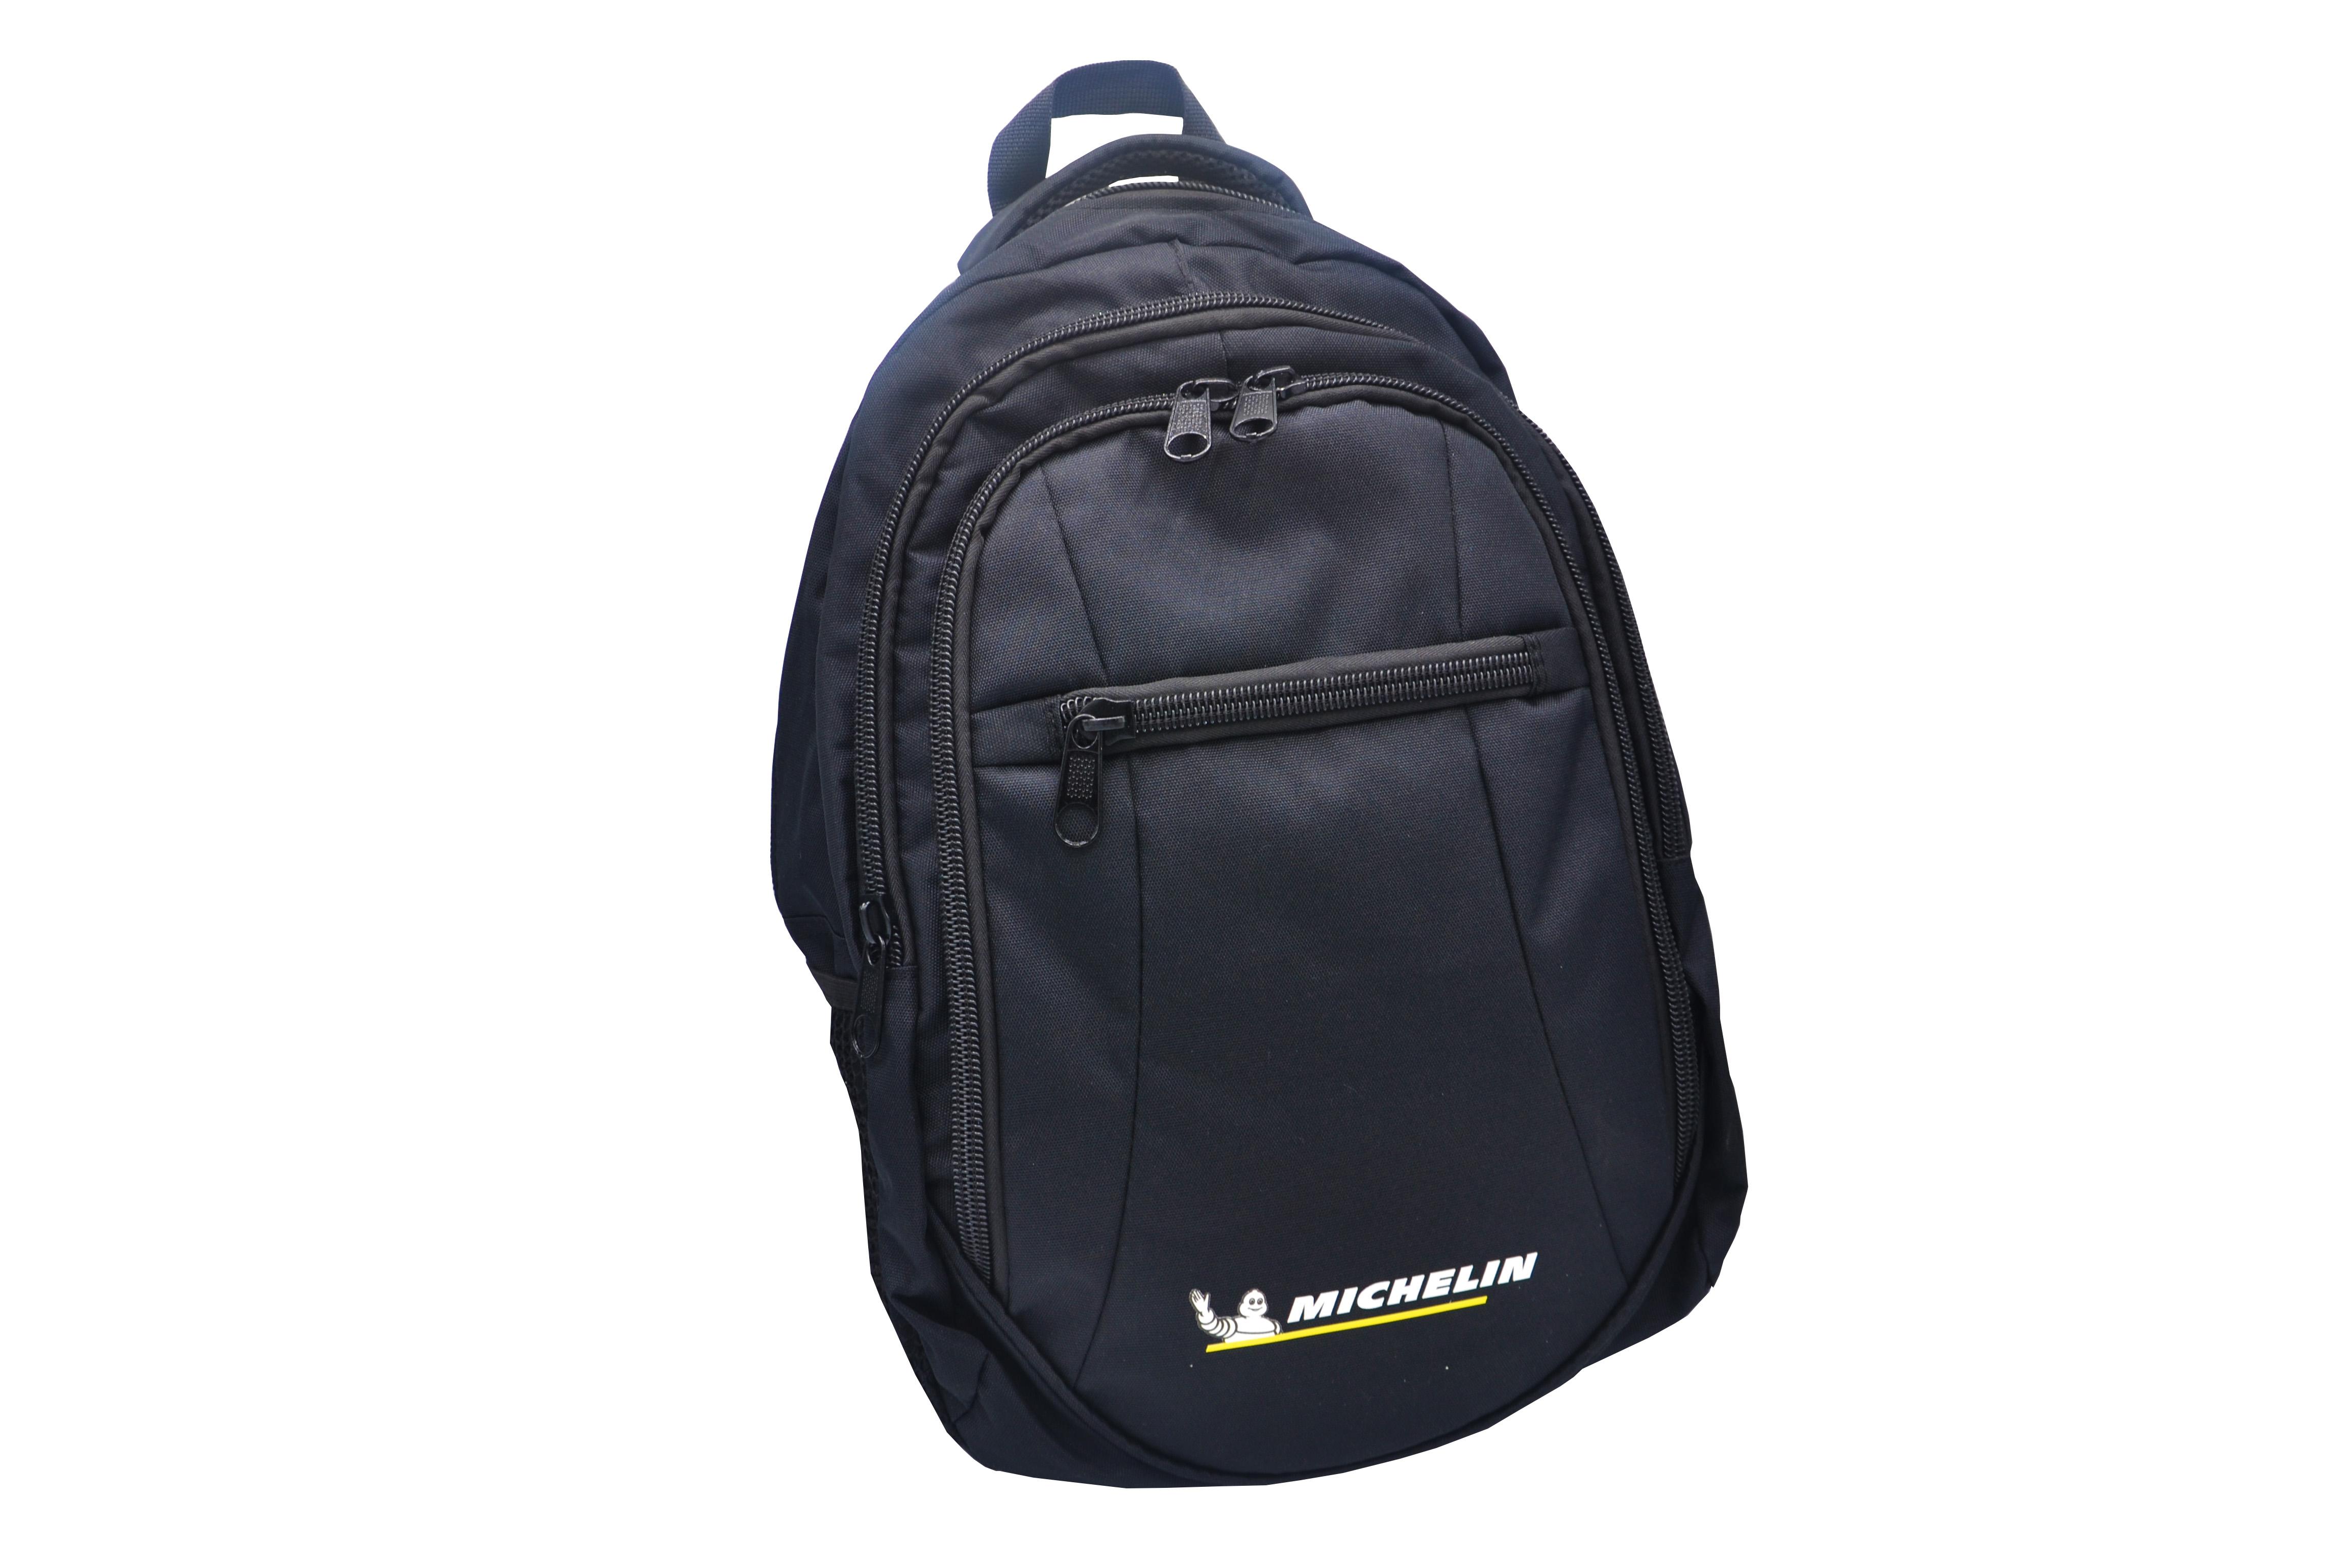 Michellin Bag